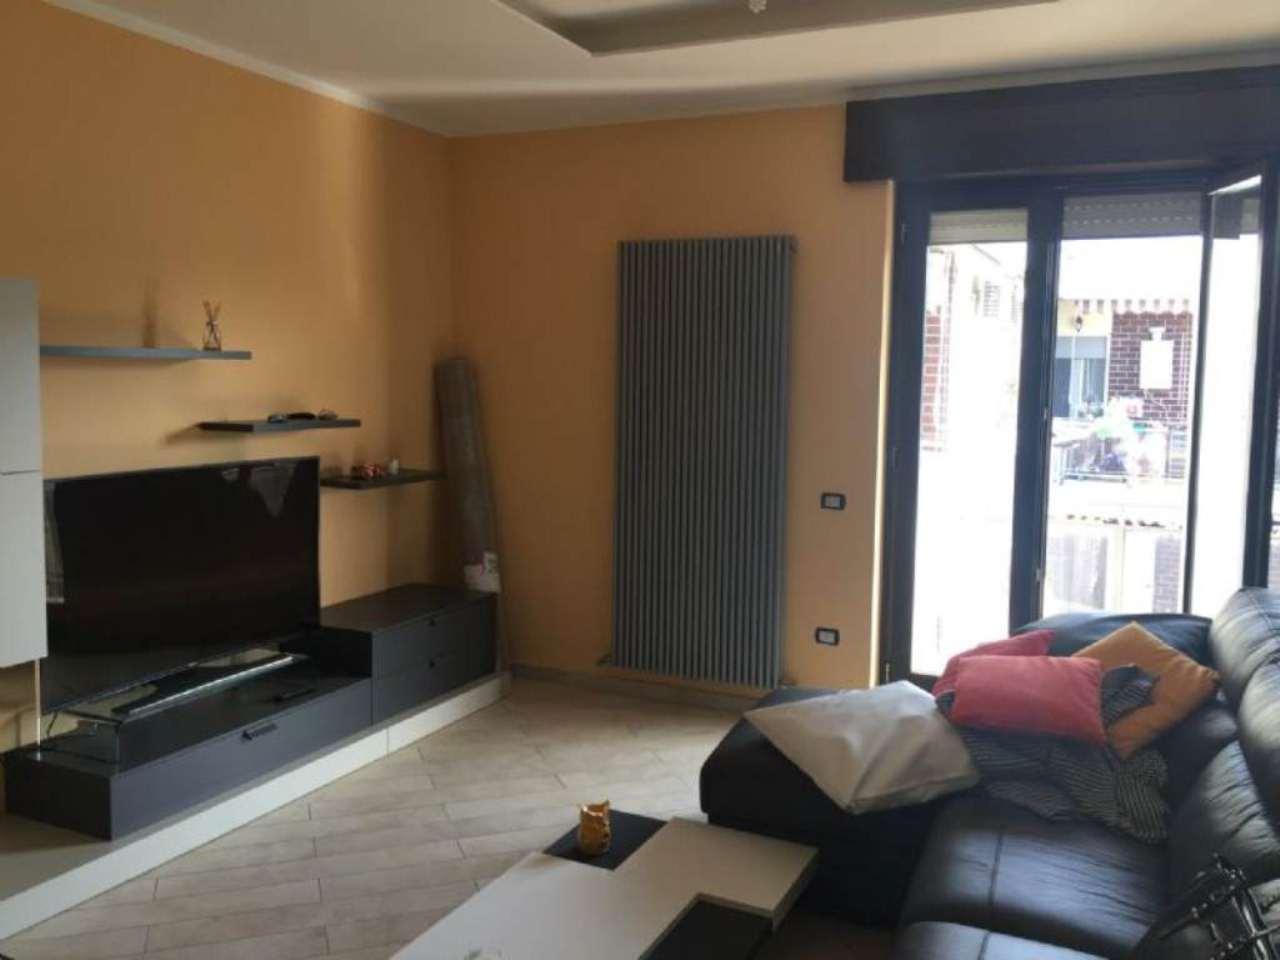 Appartamento in vendita a Pomigliano d'Arco, 4 locali, prezzo € 280.000 | Cambio Casa.it